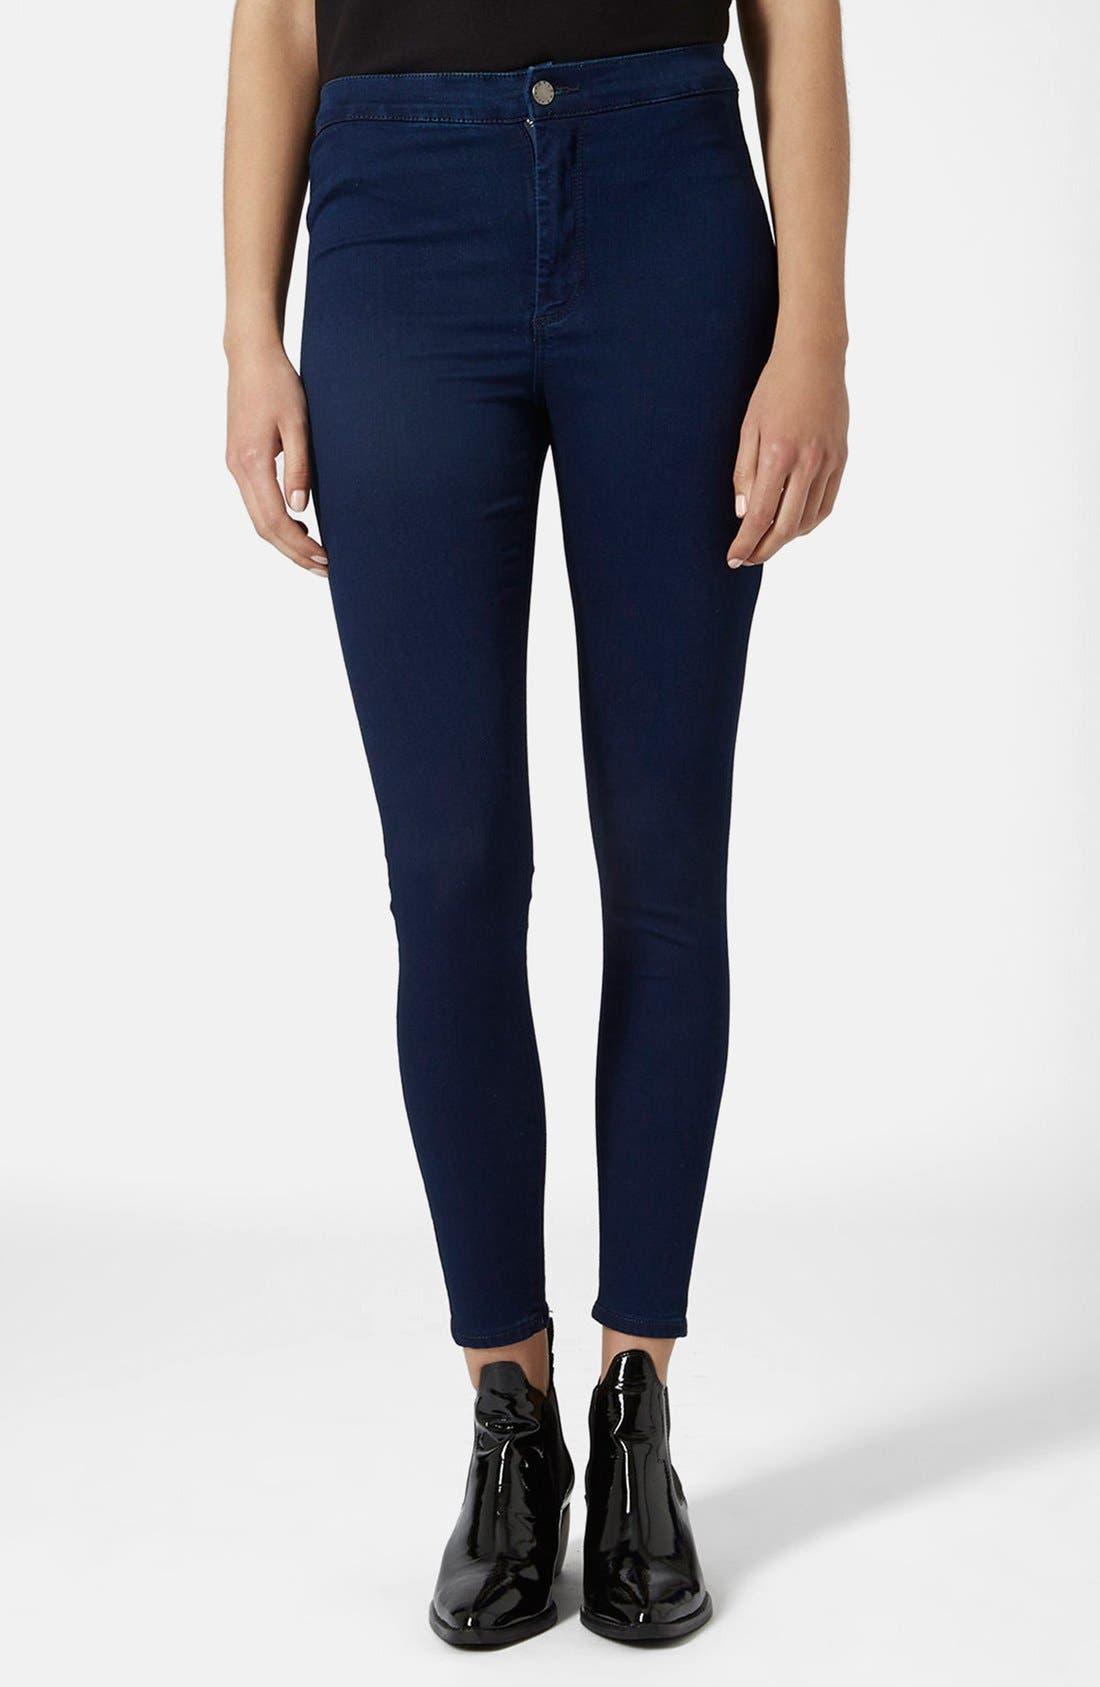 Main Image - Topshop Moto 'Joni' High Rise Jeans (Blue) (Petite)